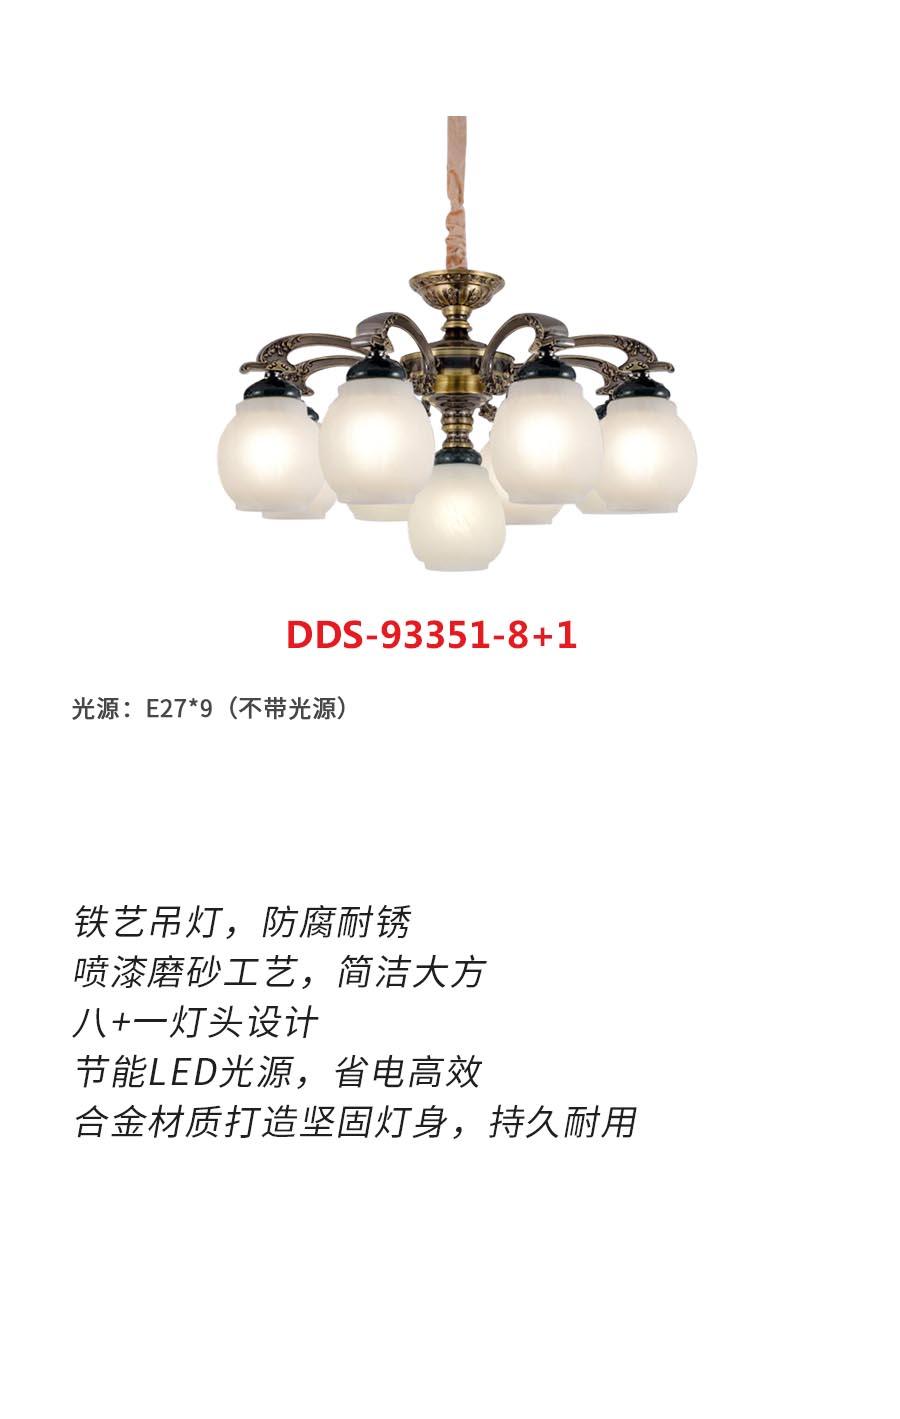 DDS-93351-8+1b.jpg